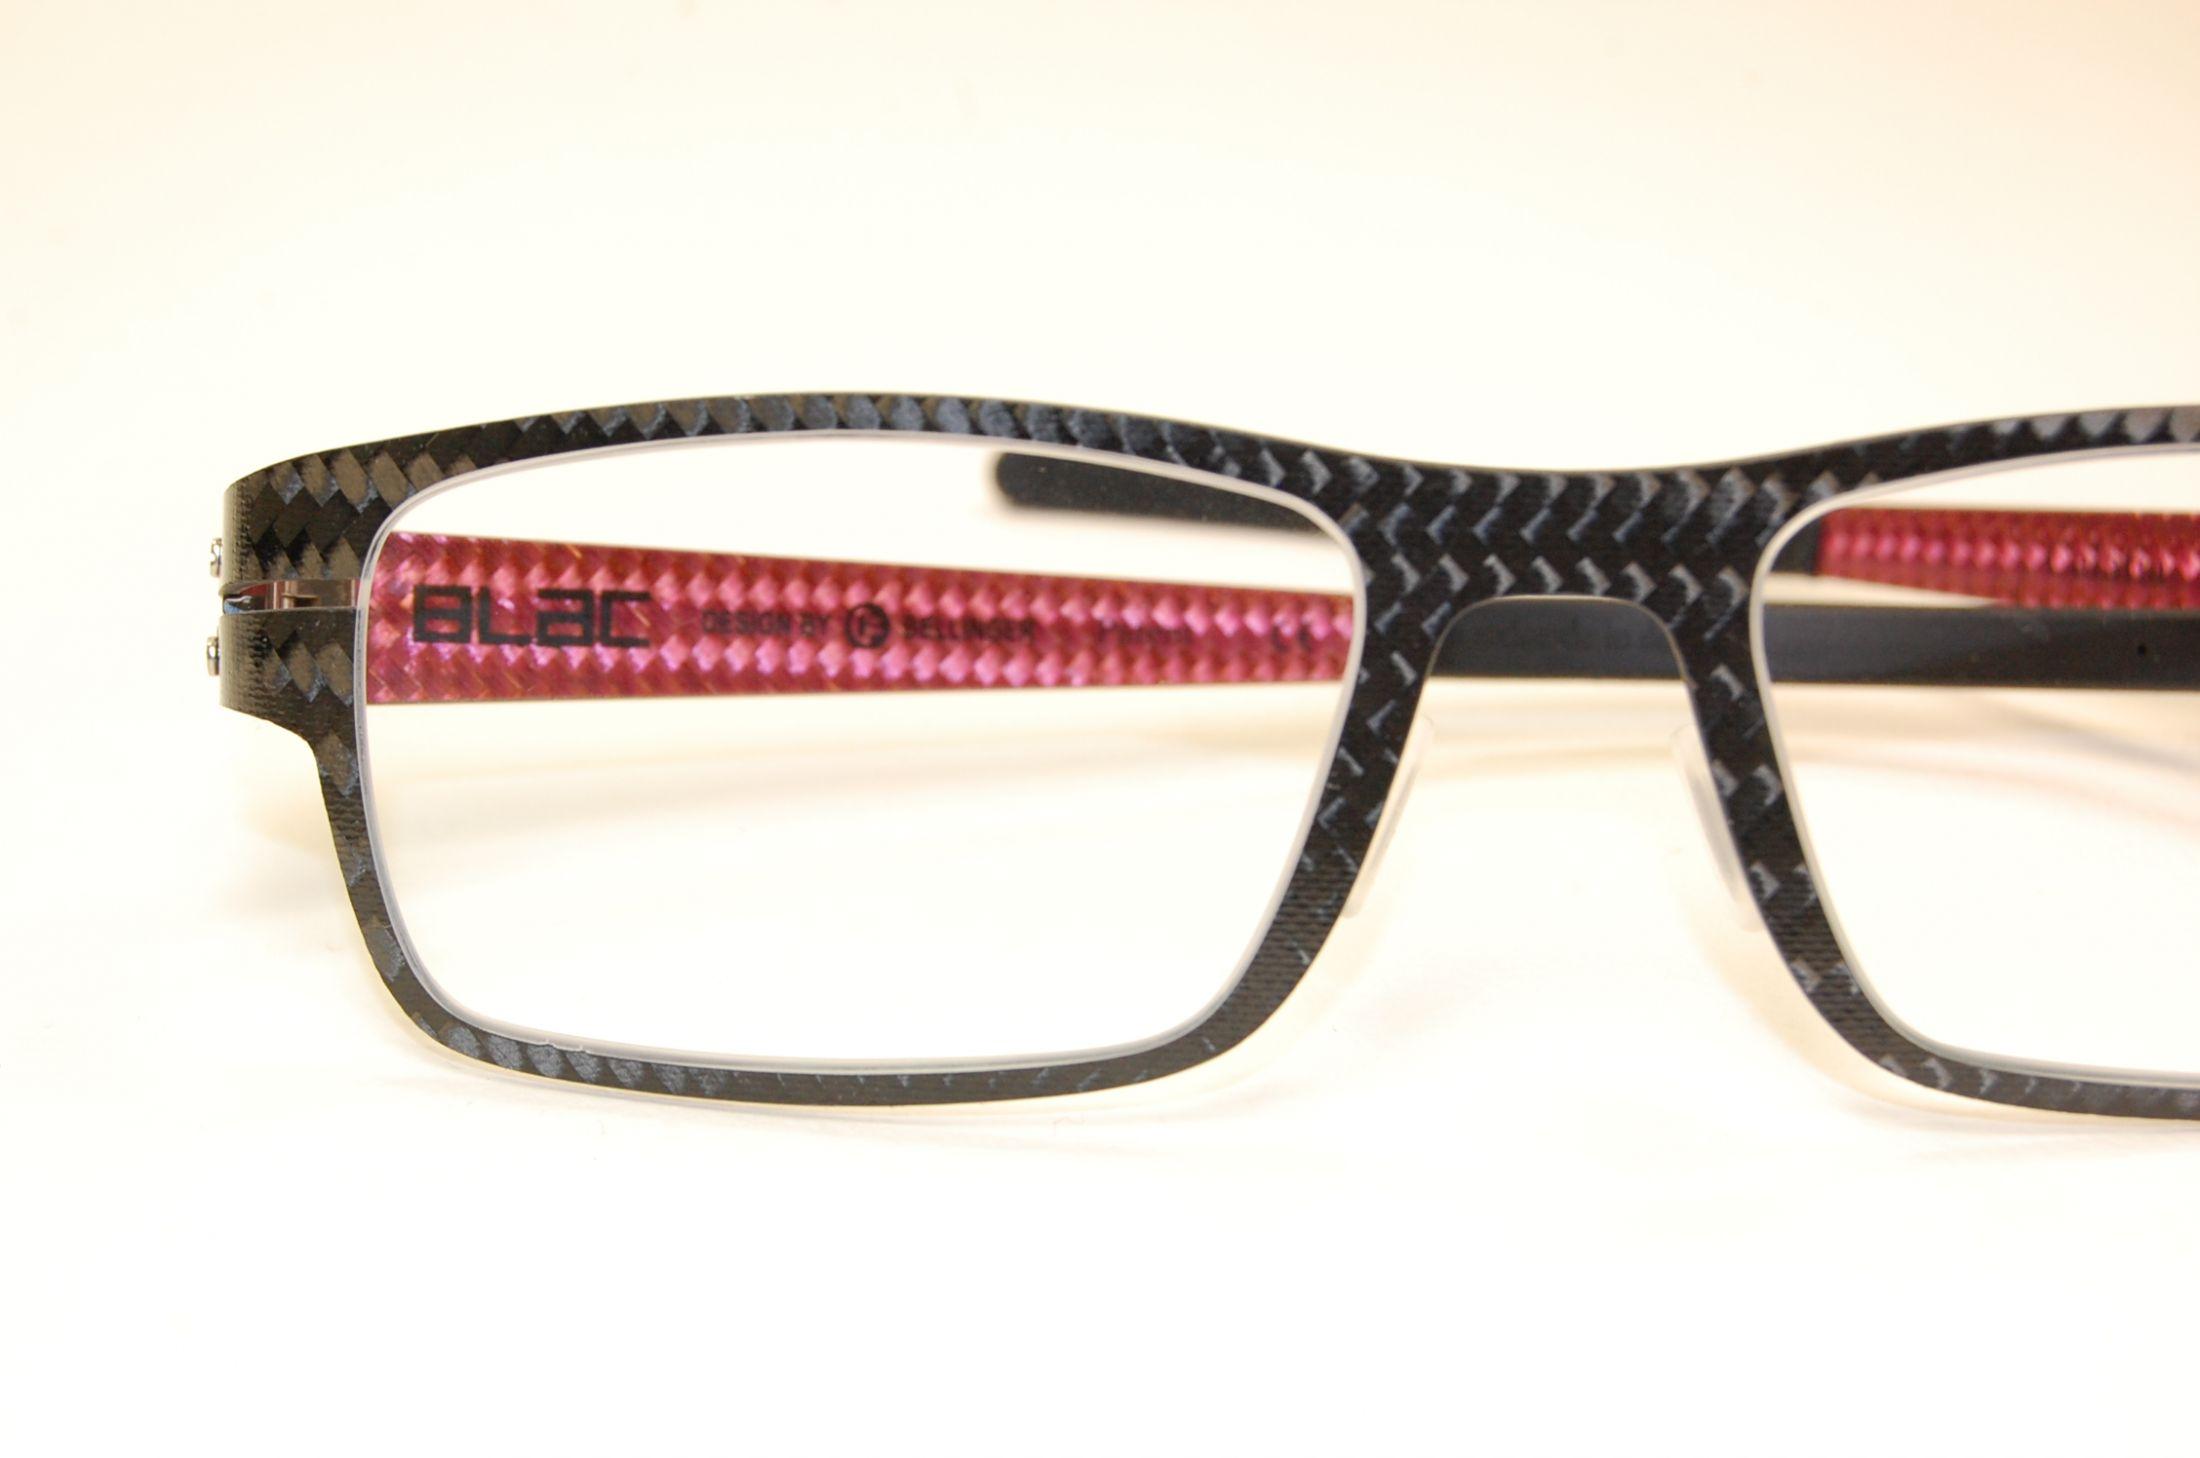 22b9b1e227720 Lunettes de vue en carbone de la marque BLAC - Opticien haut de ...